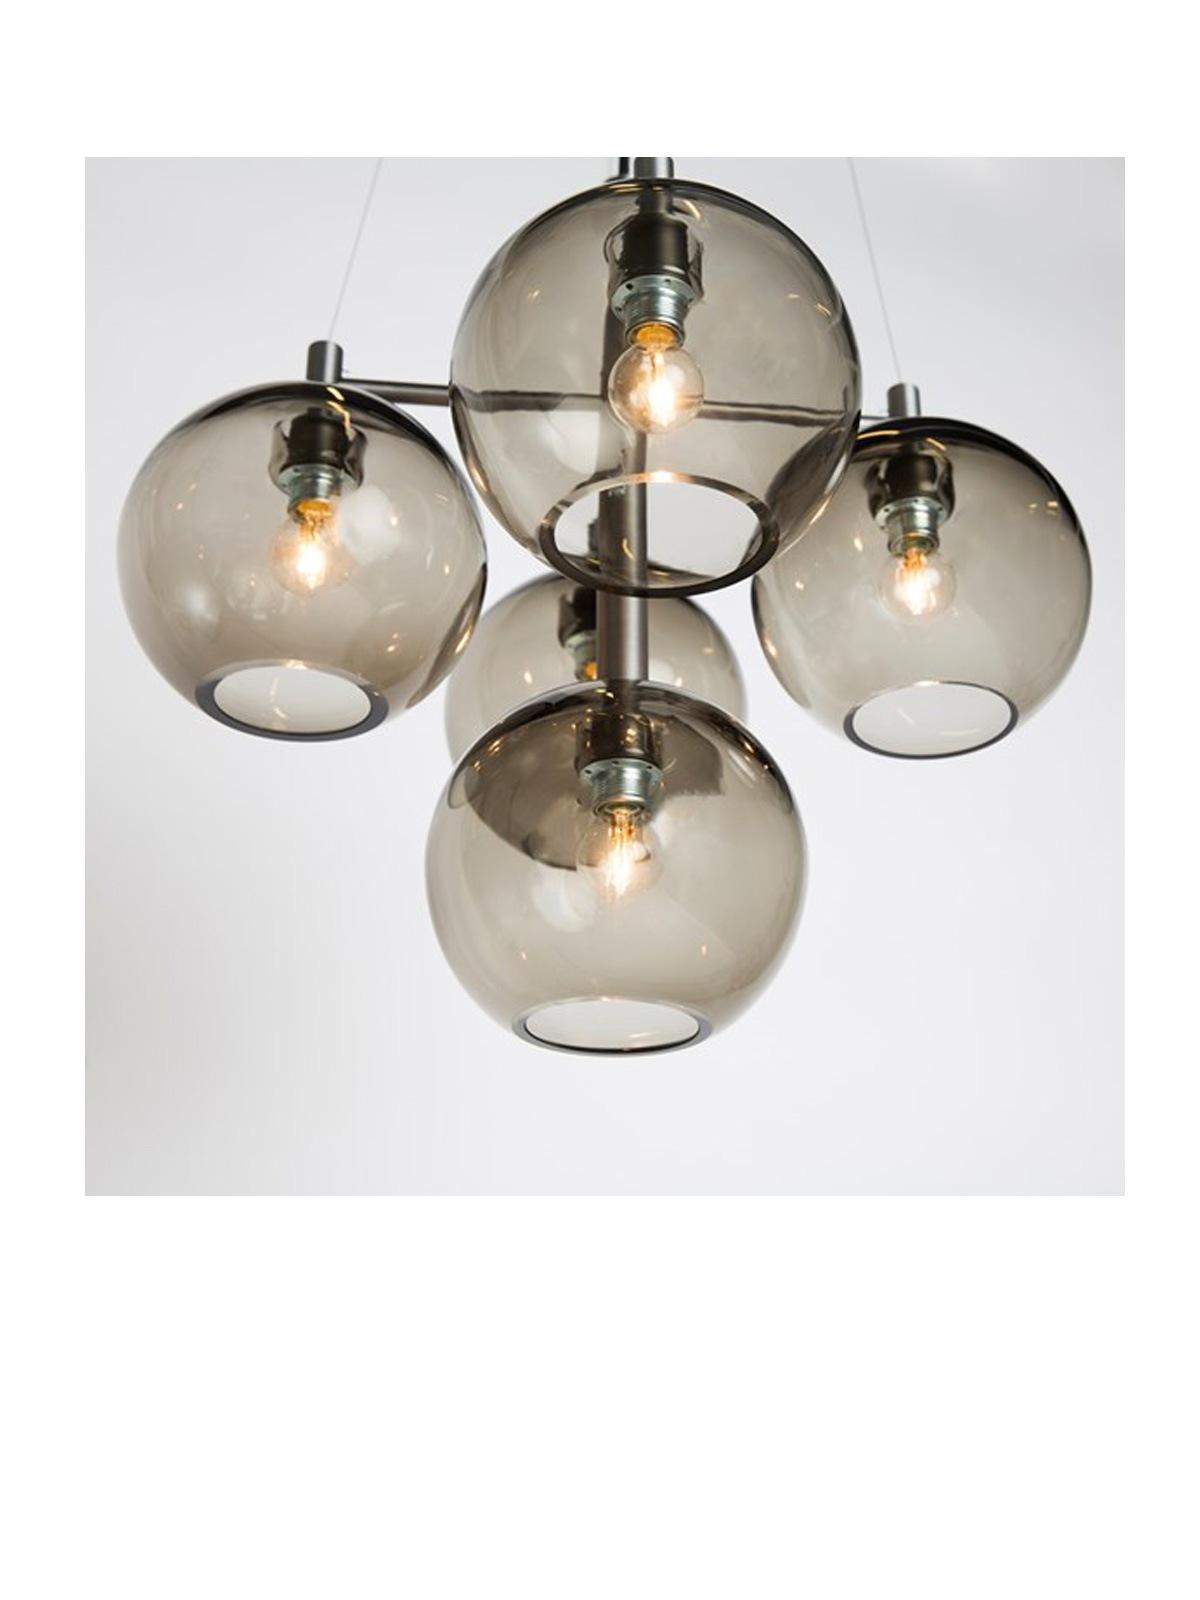 Gloria Kronleuchter Belid DesignOrt Onlineshop & Lampenladen Berlin